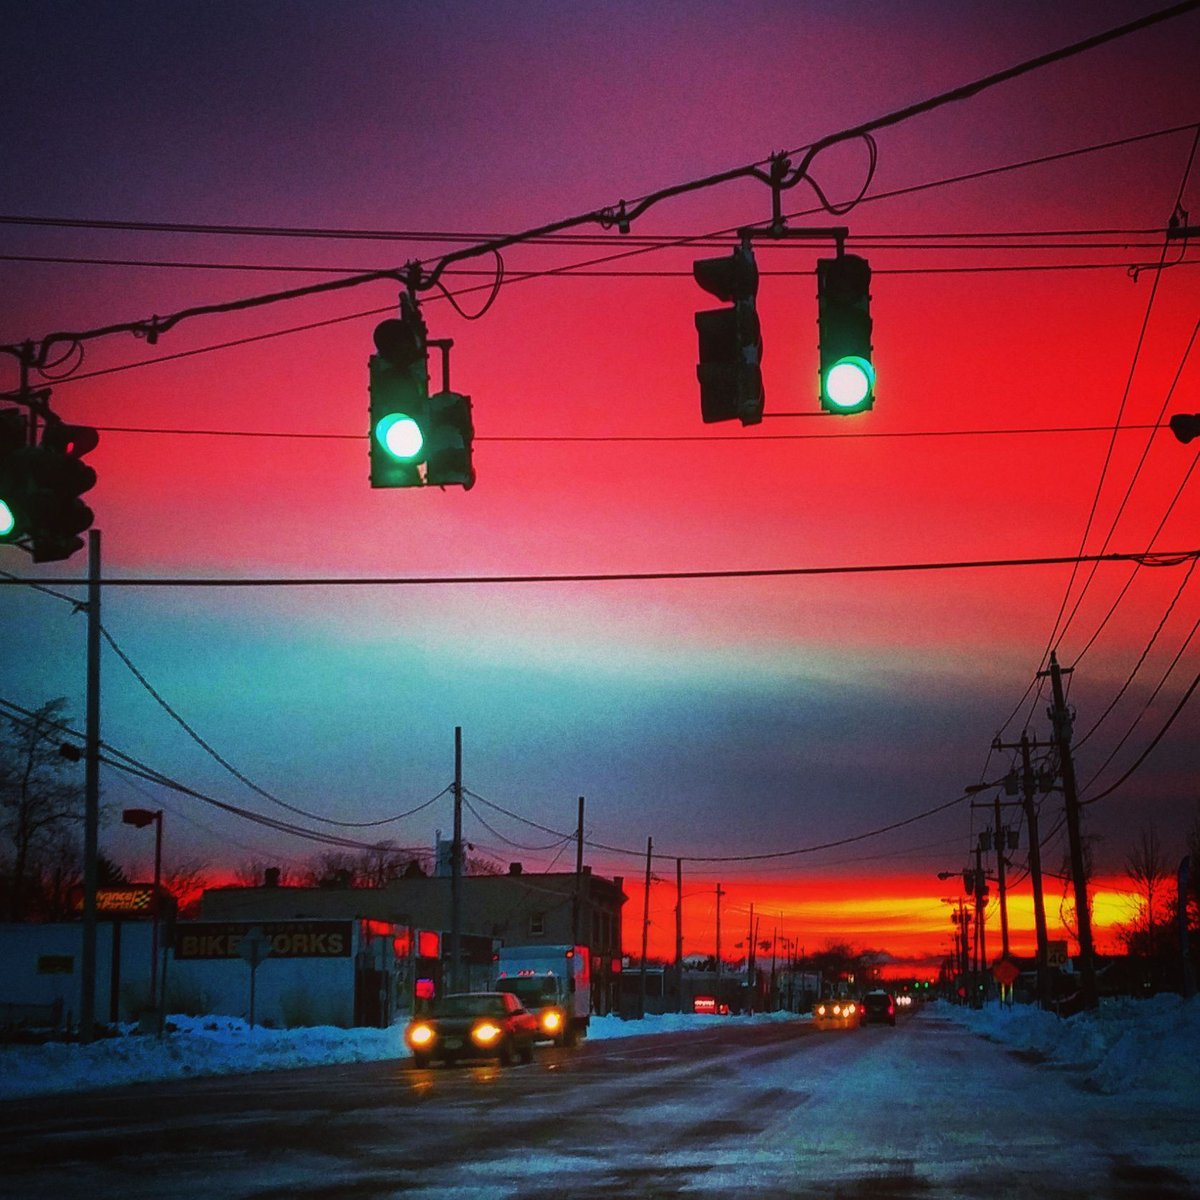 #Winter  https://t.co/1Ts0IjIoAs https://t.co/GJHYyQqyFY